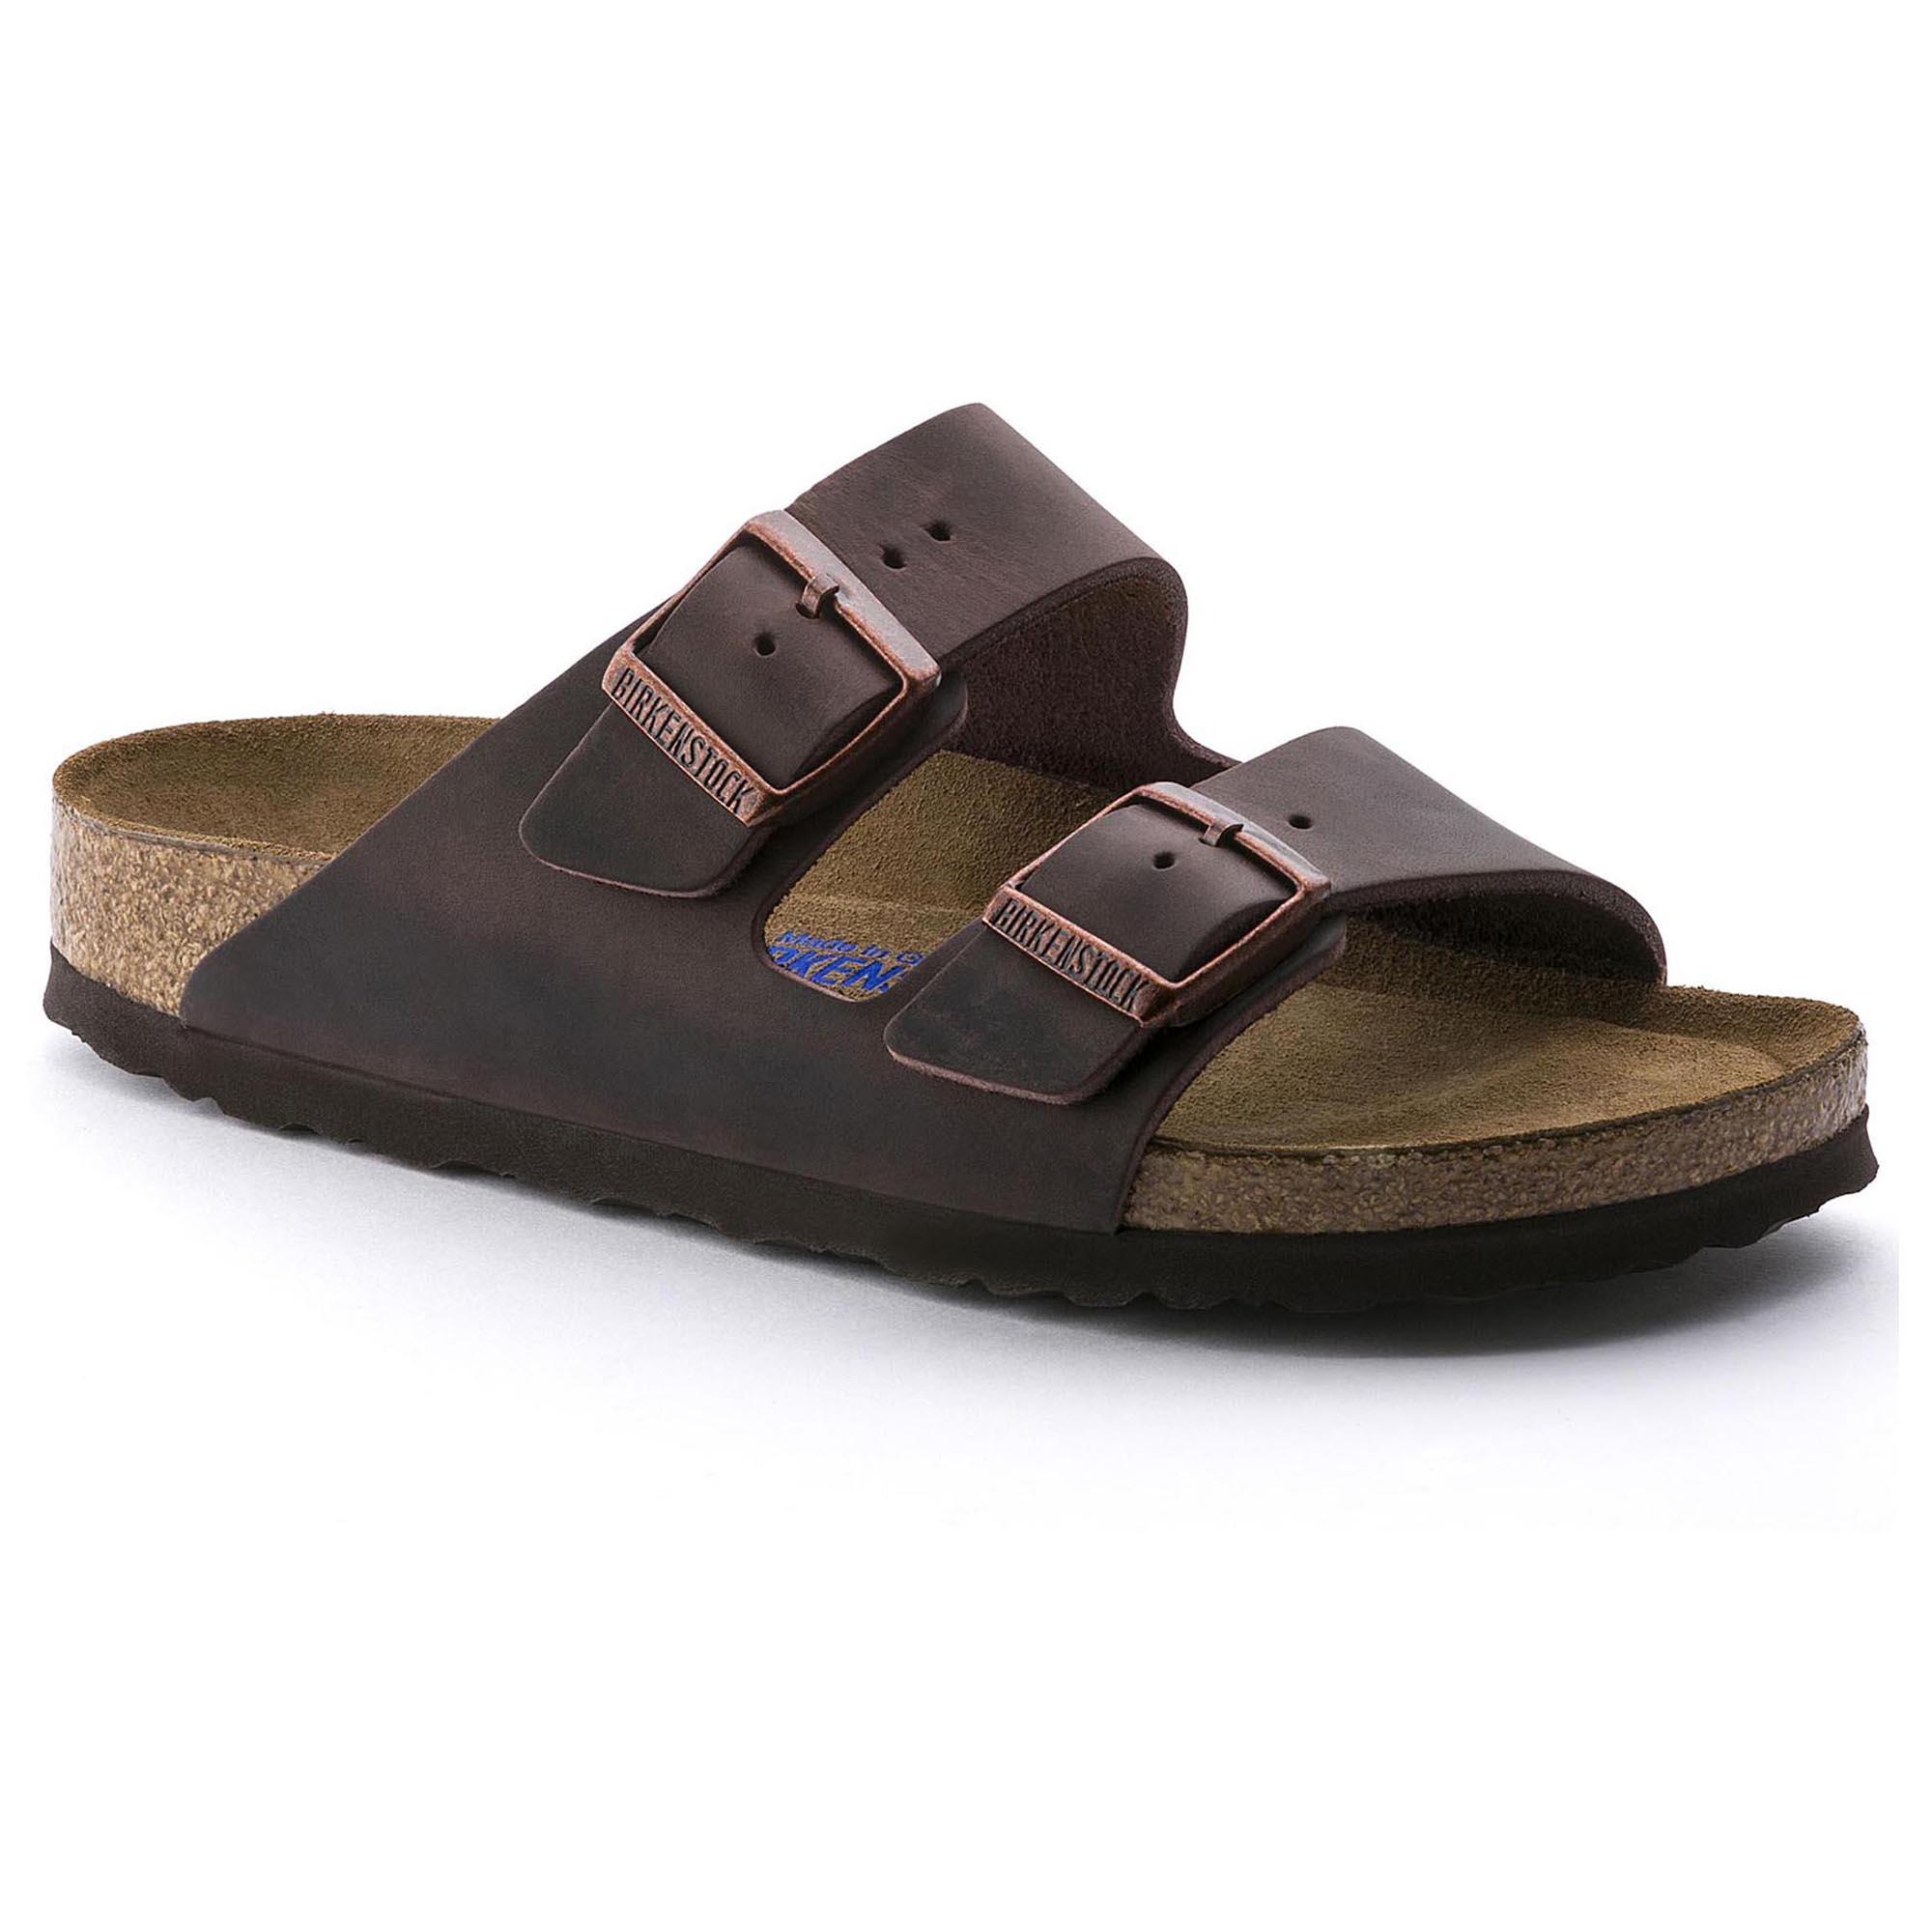 2019 Sales on Birkenstock Arizona Nubuck Soft Footbed